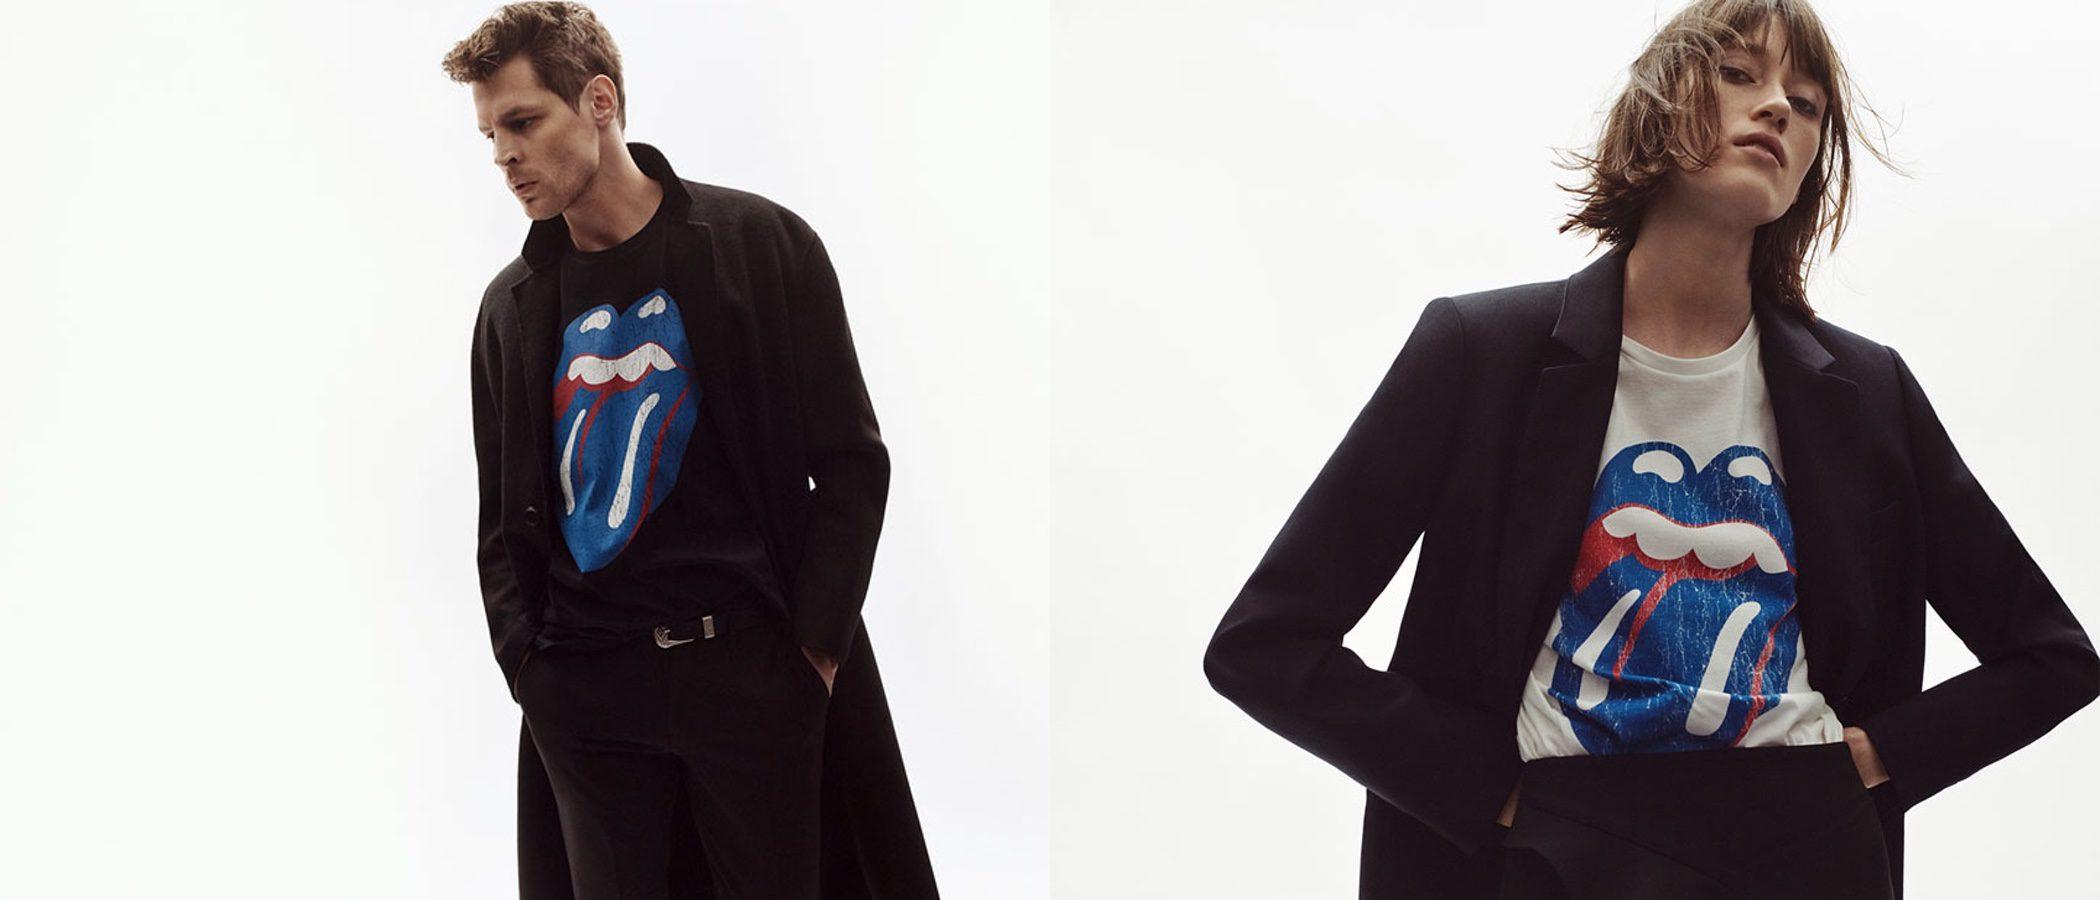 Zara se inspira en los Rolling Stones y lanza una colección de edición limitada